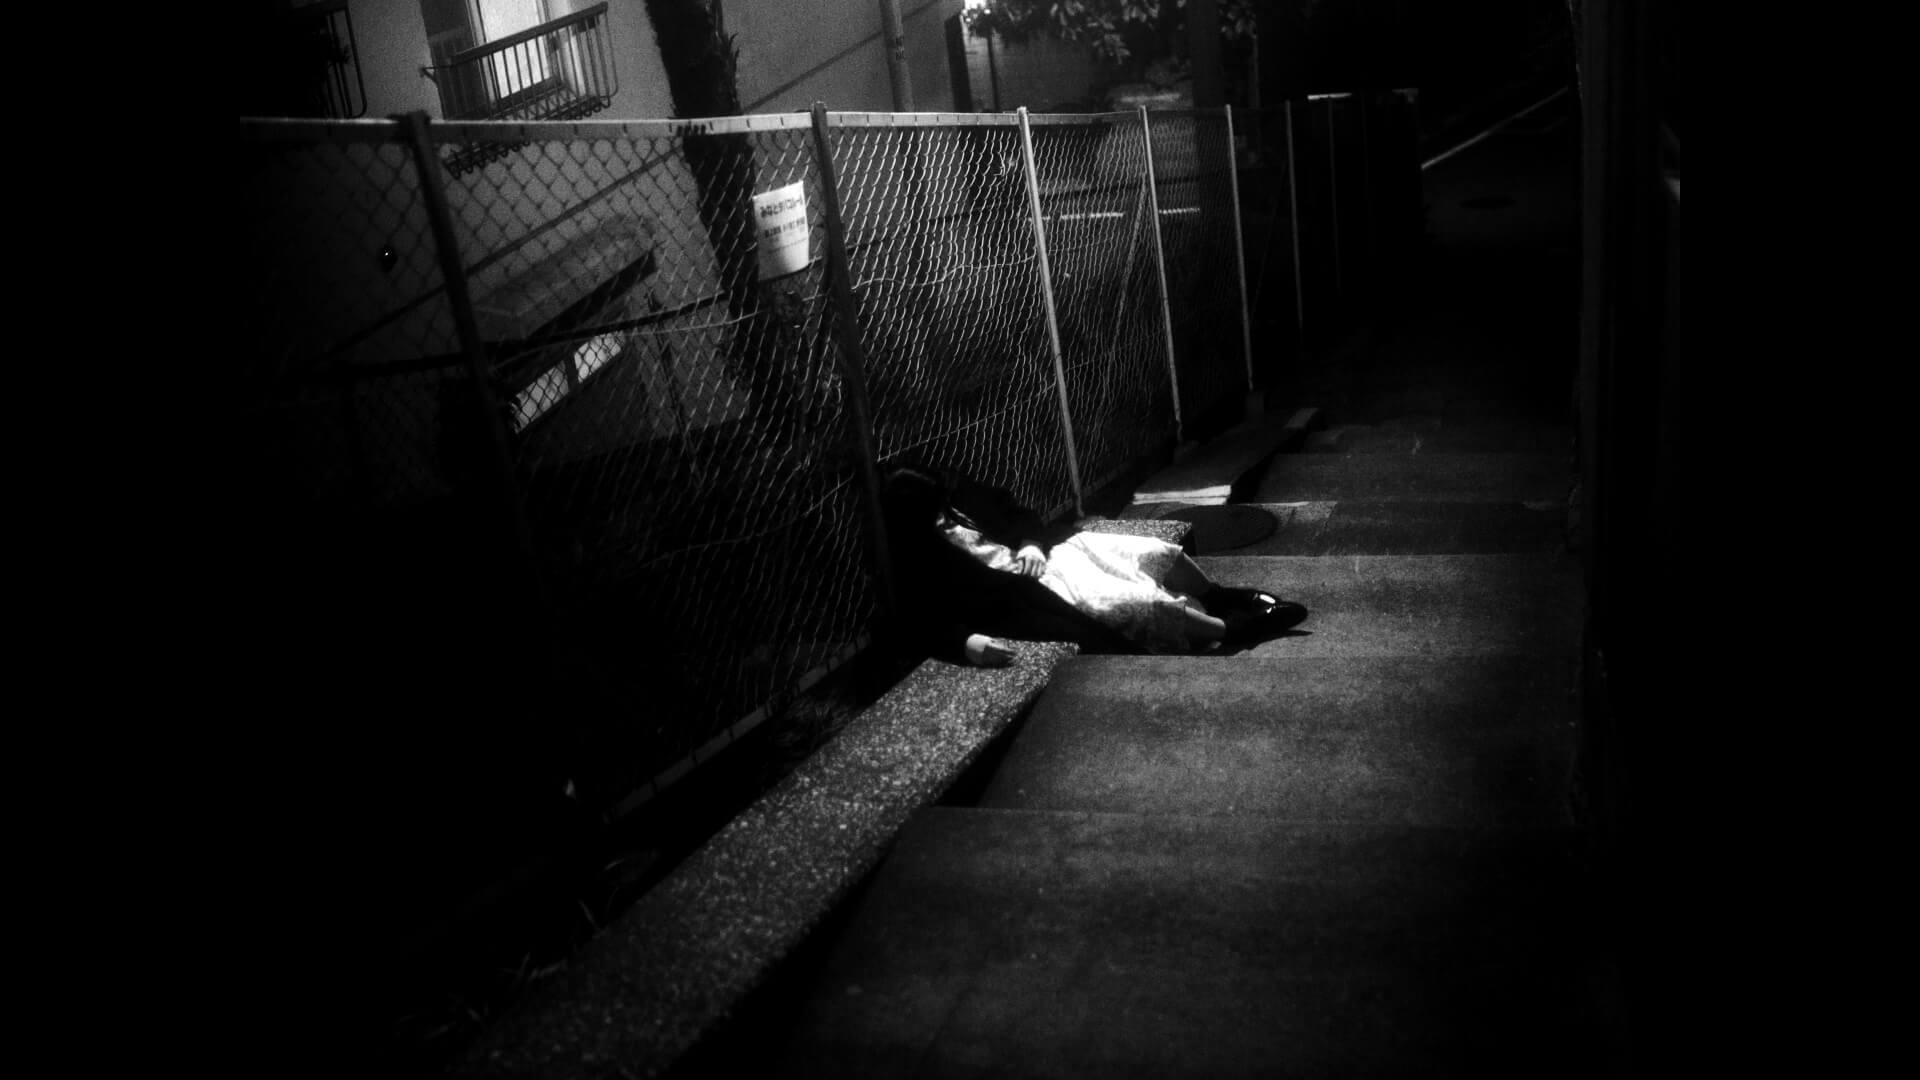 木村太一の最新ショートフィルム『Mu』がBOILER ROOMの「4:3」で世界同時公開|Jin Dogg、Manami Usamaru、Soushiが出演 video190710-kimurataichi-7